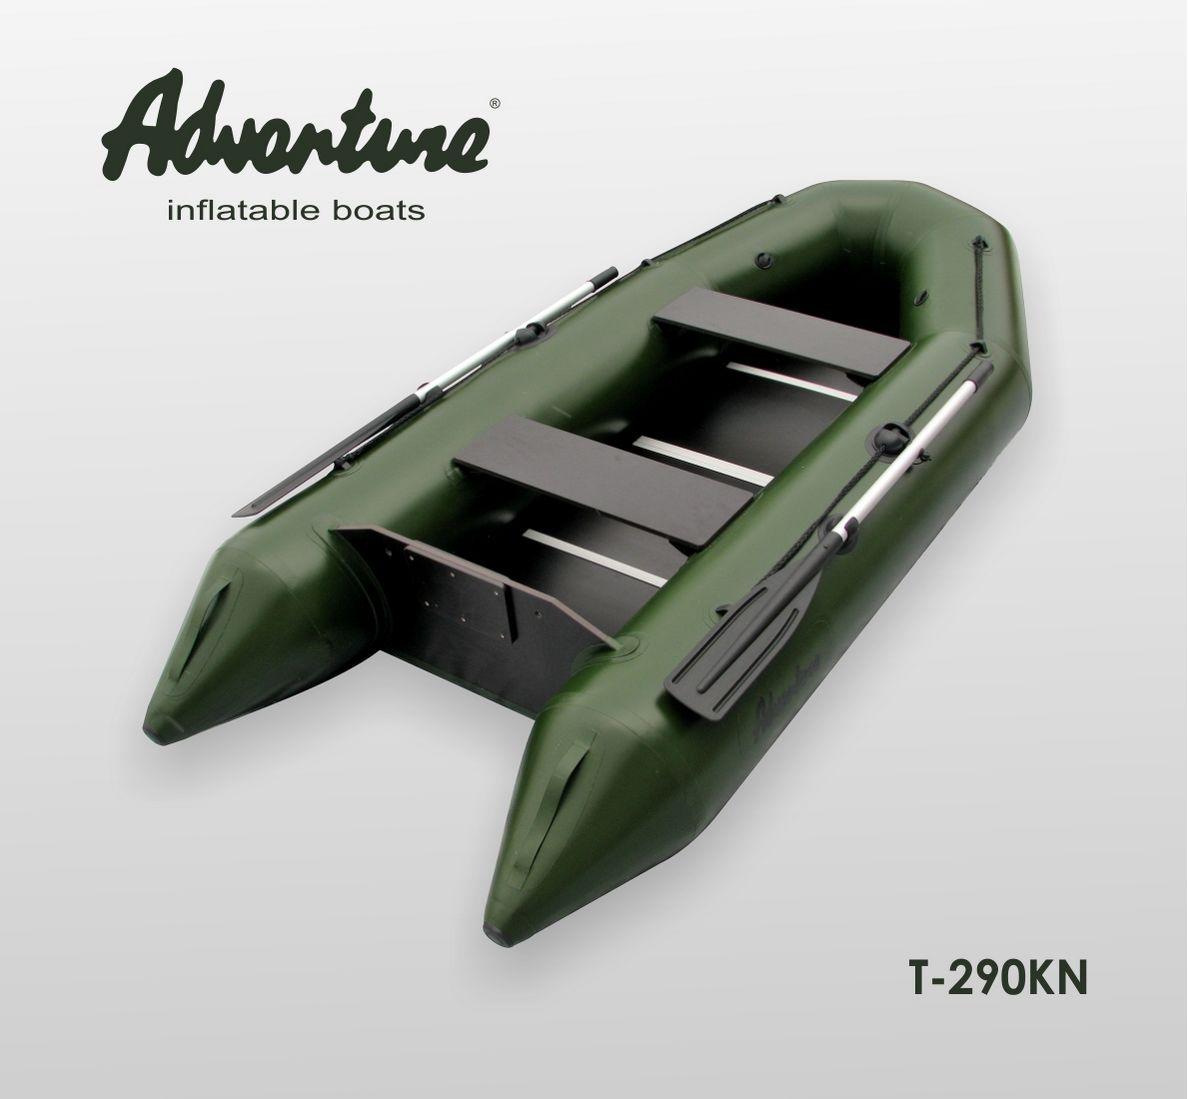 Надувная лодка Adventure T-290KN - фото 1